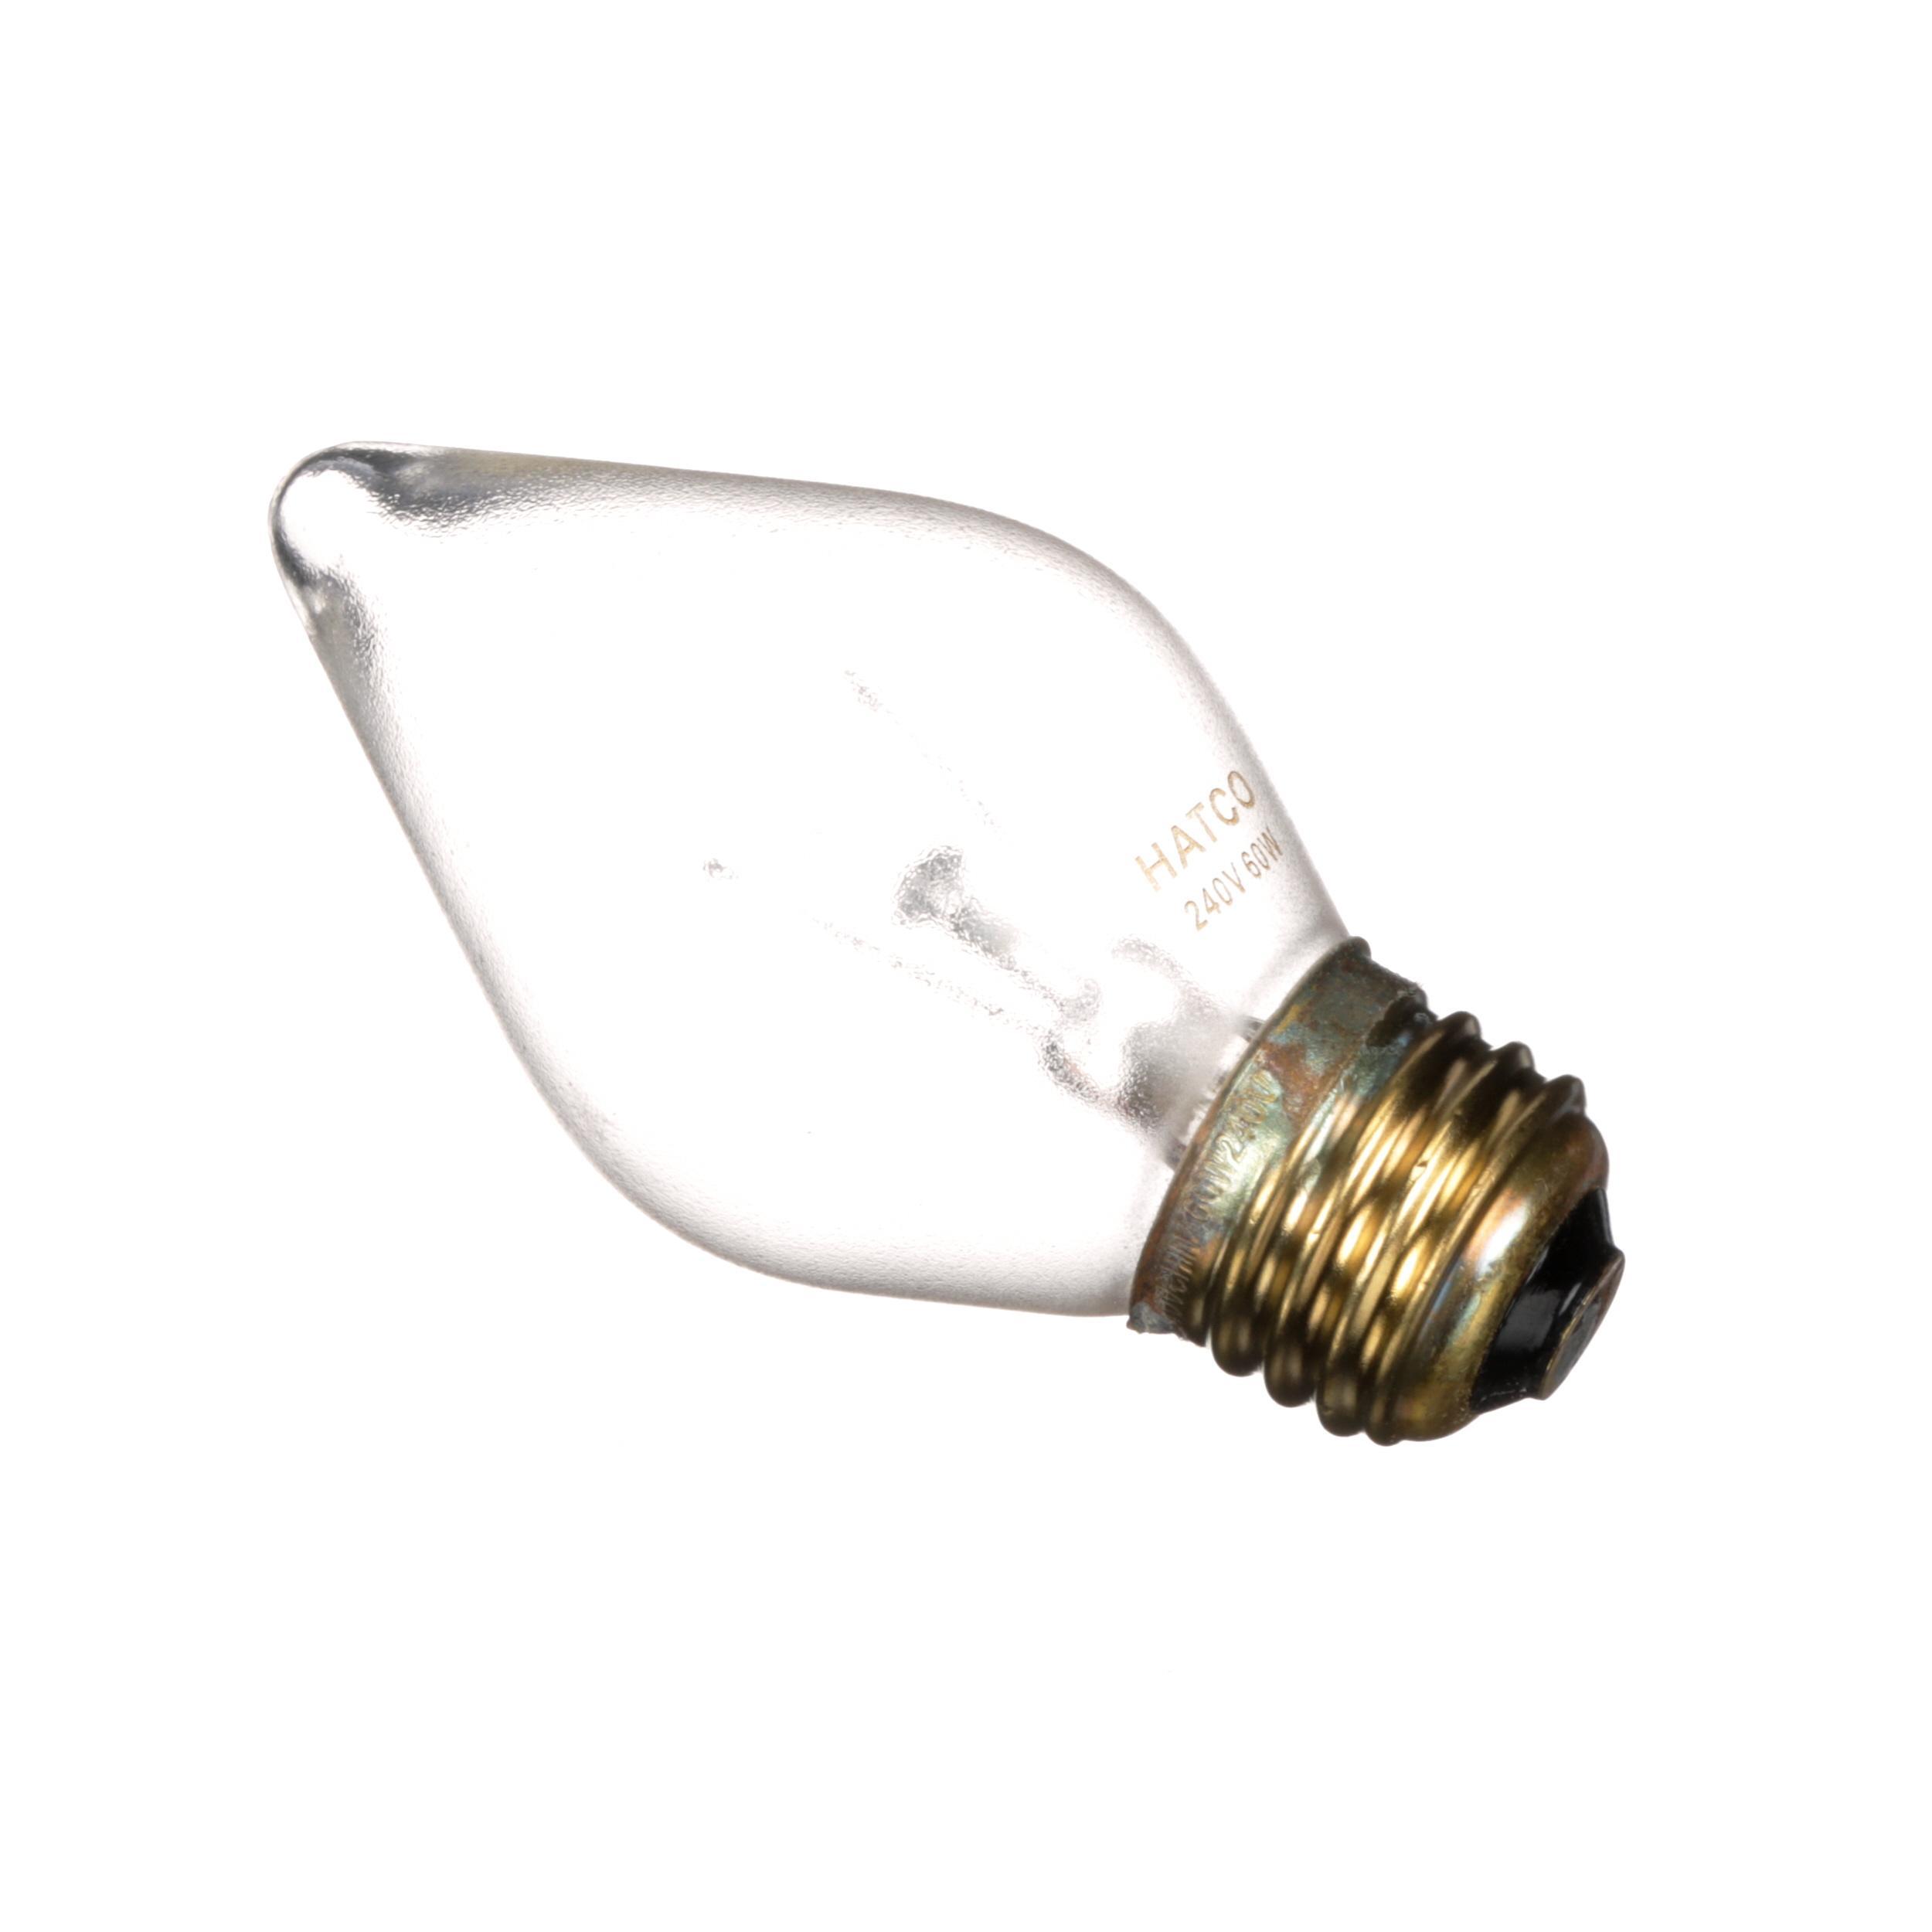 HATCO LAMP 240V 60W